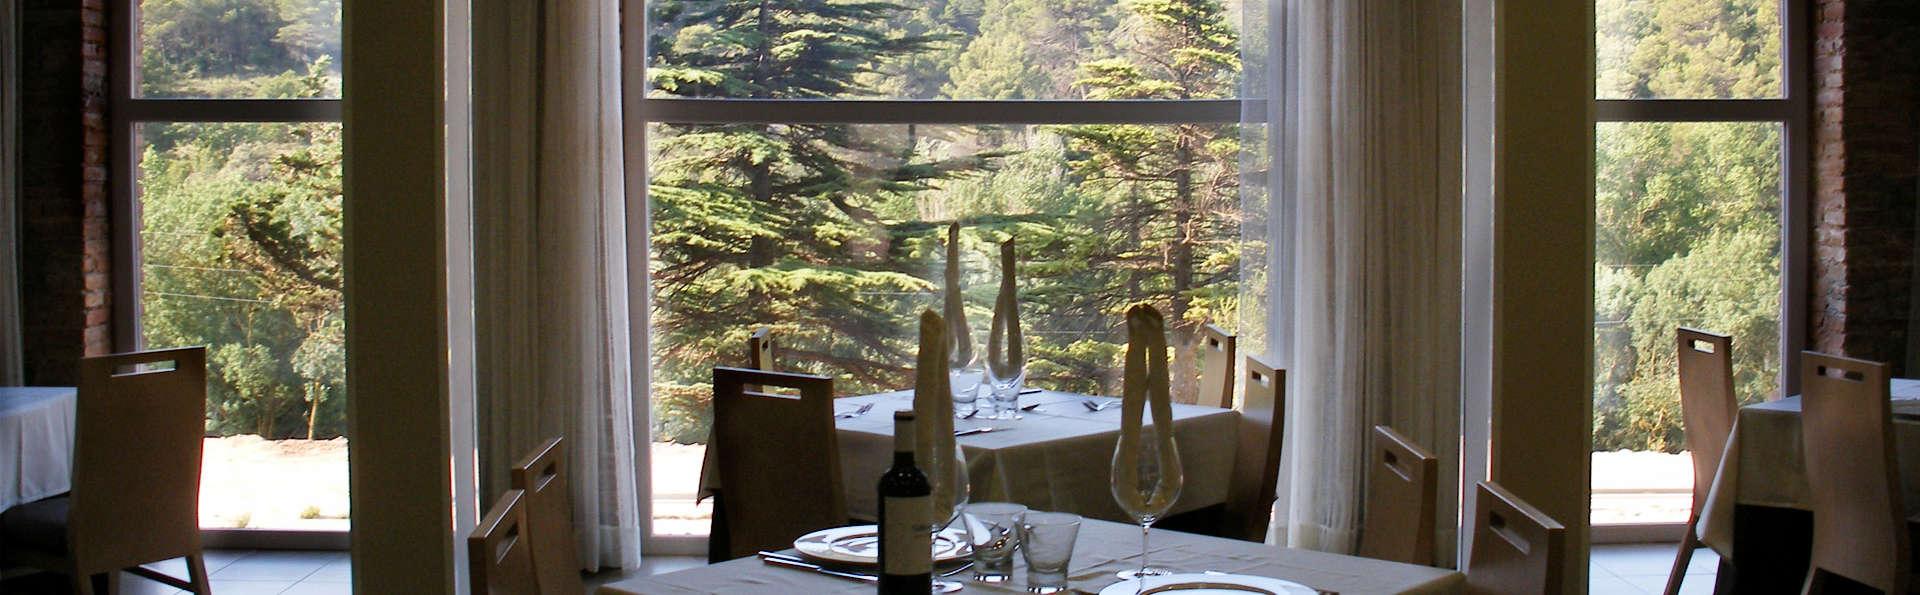 Spa et dîner en pleine nature à Rocallaura